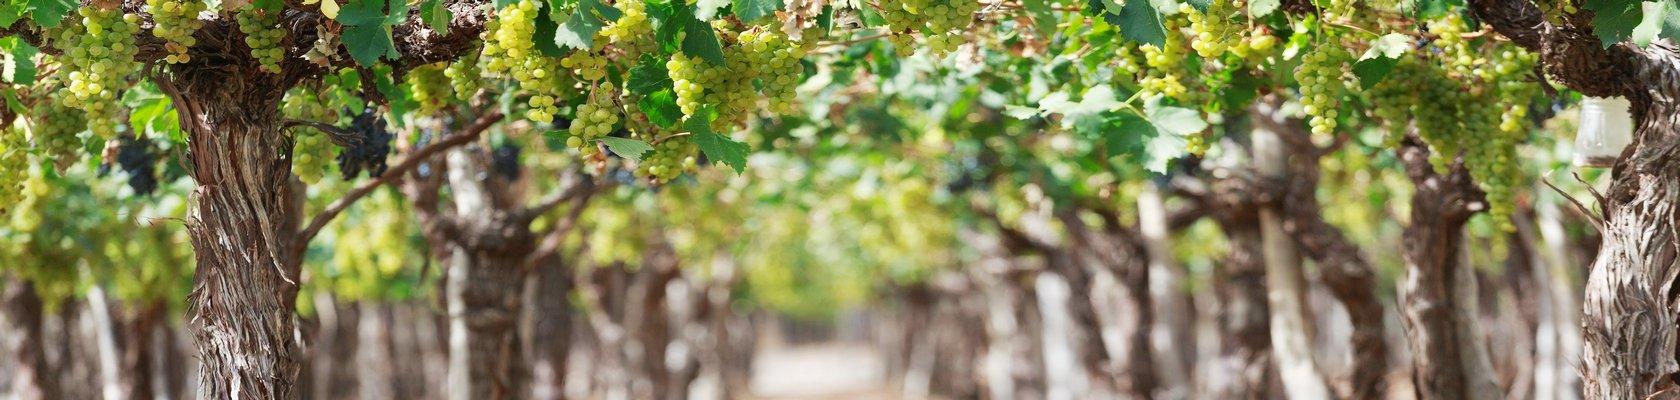 Wijngebied, Mendoza